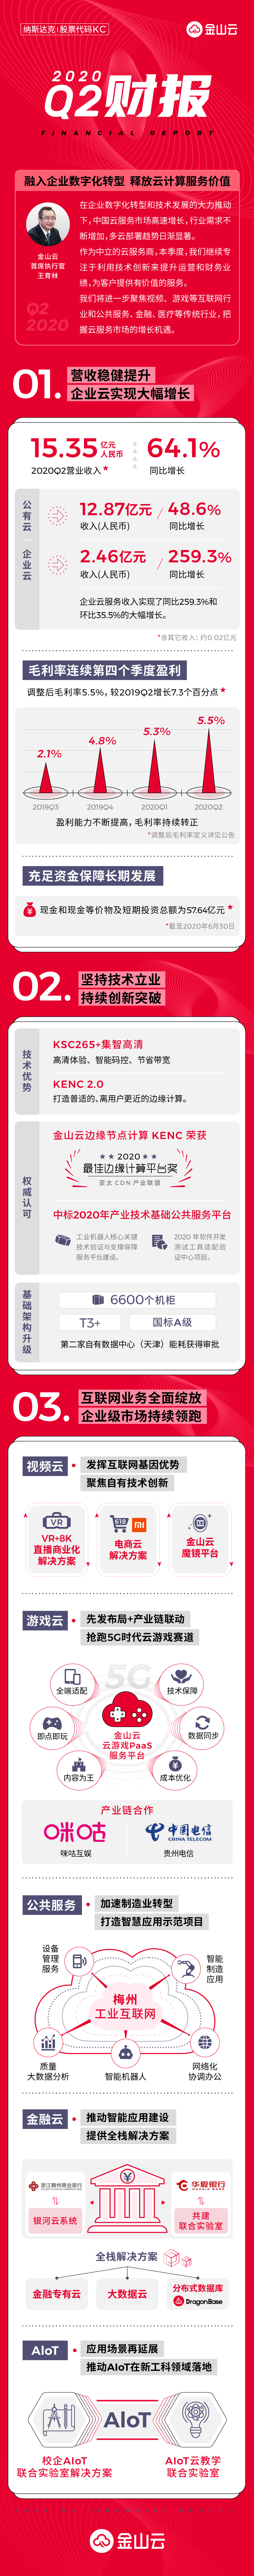 微信图片_20200818184343.jpg